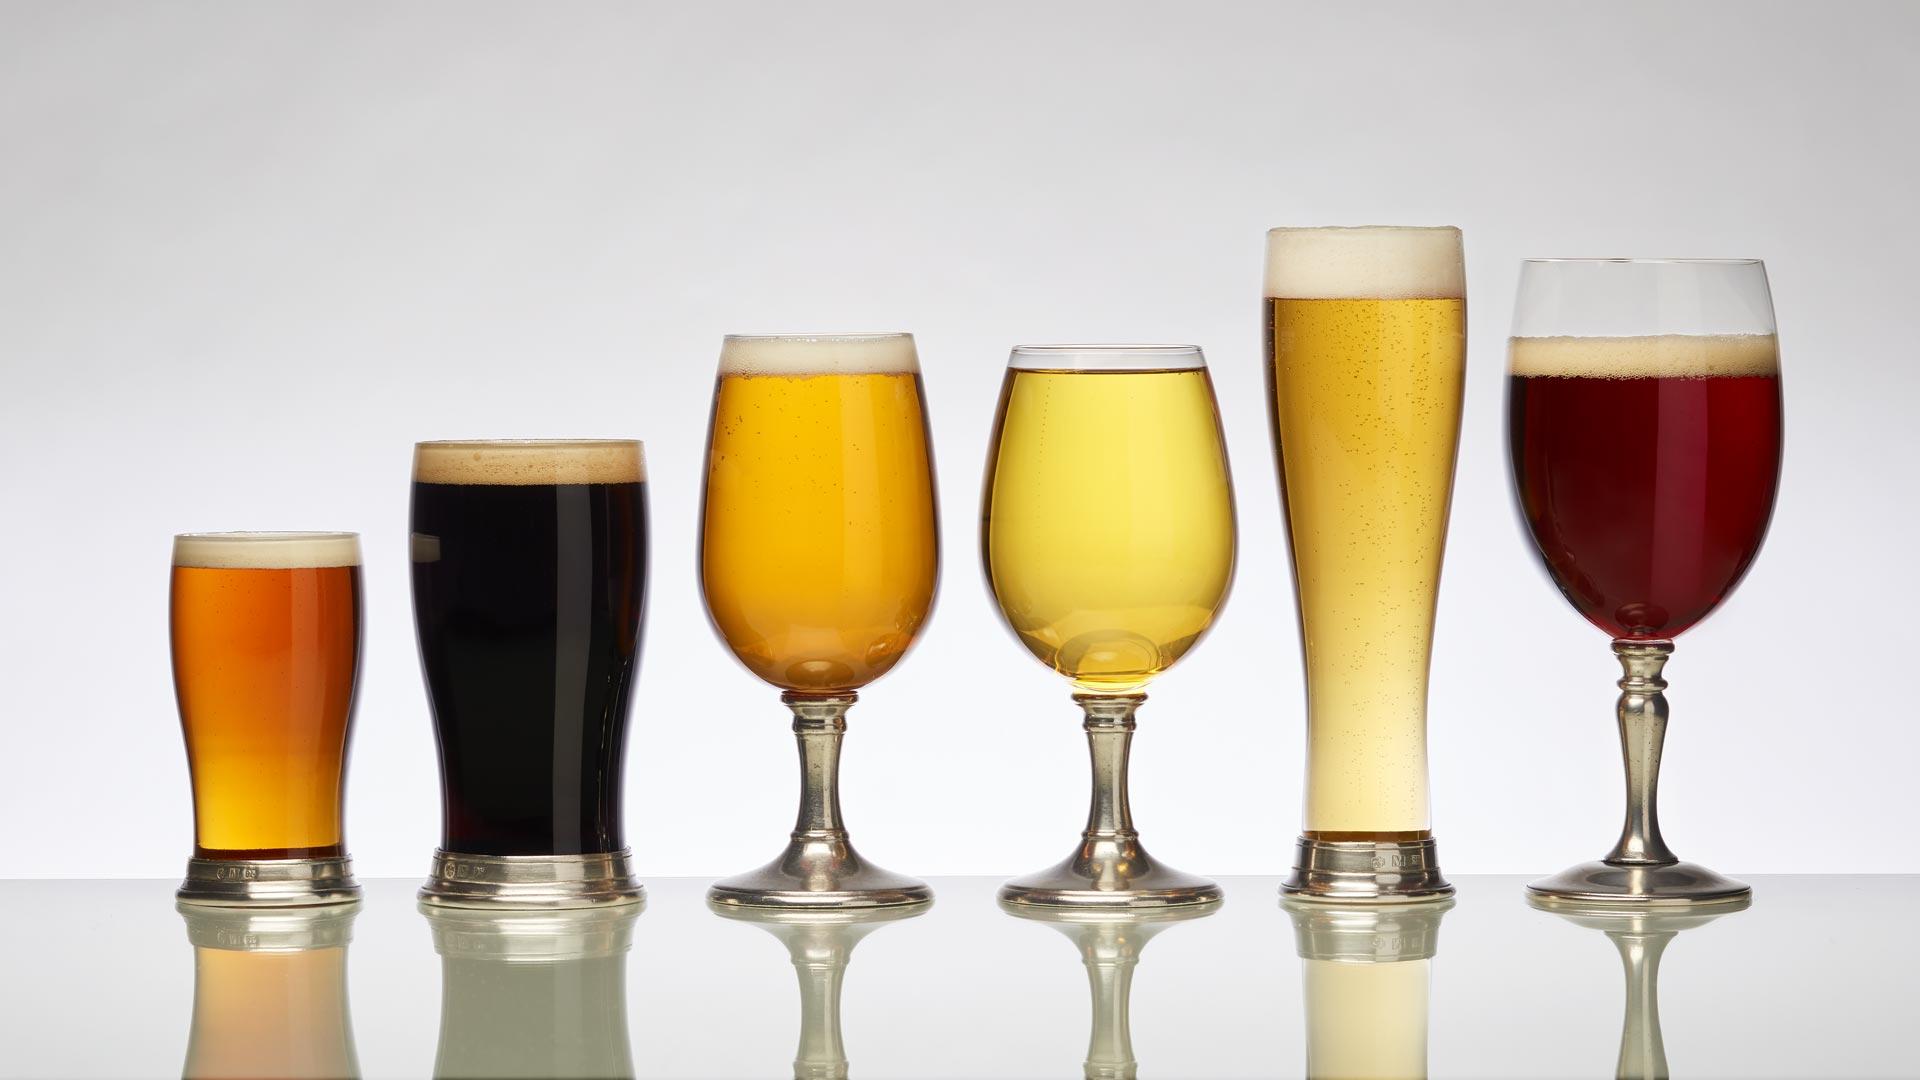 Bicchiere birra pilsner grigio metallo peltro e for Bicchieri birra prezzi